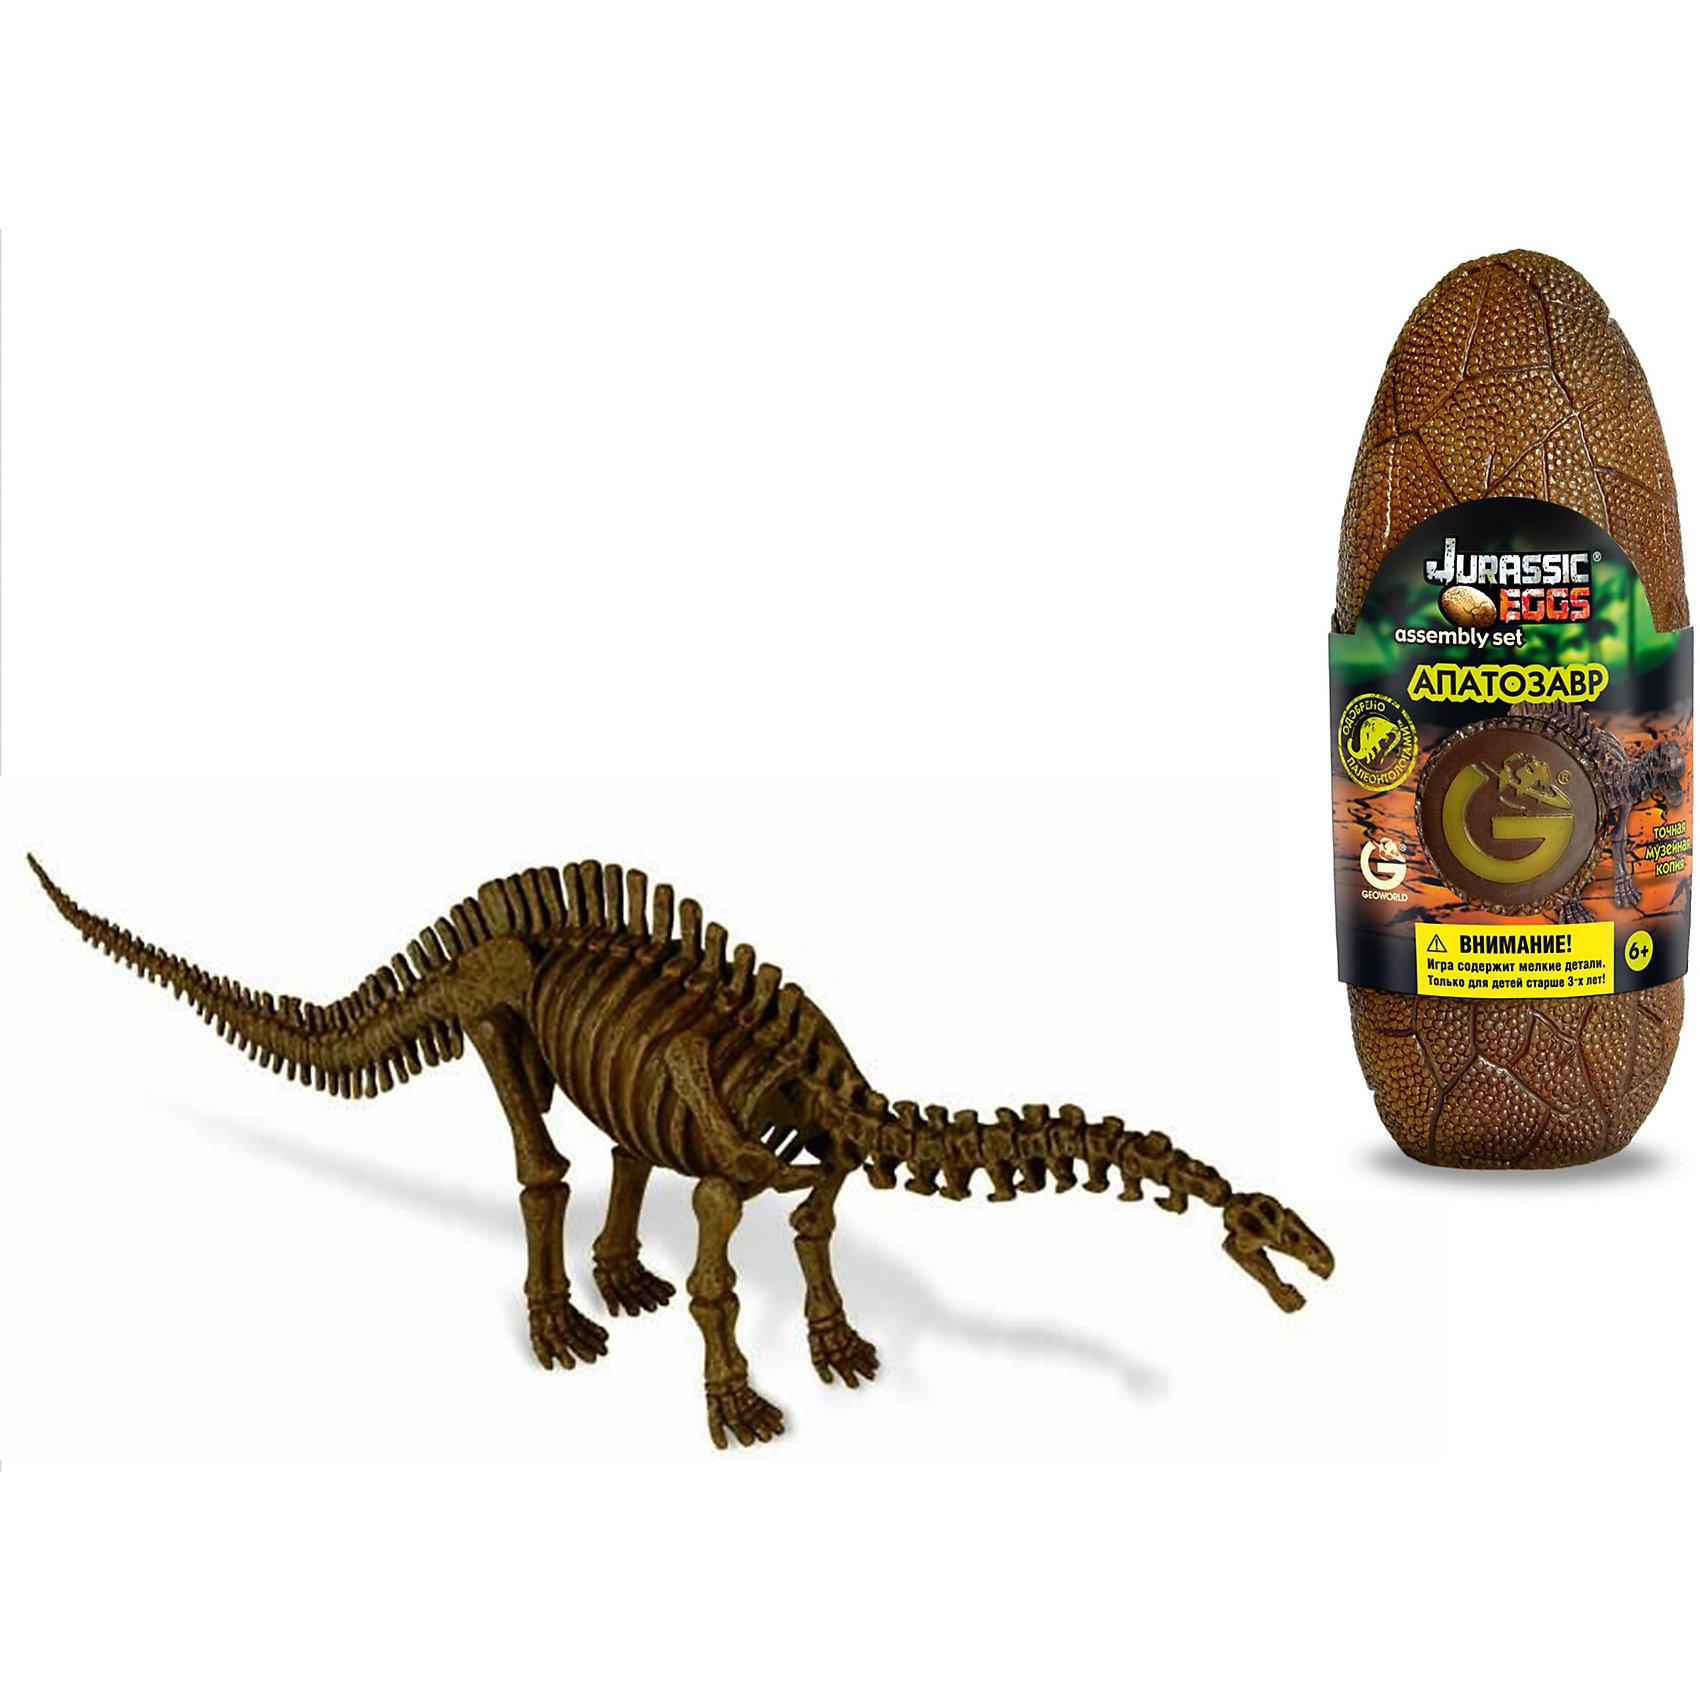 Яйцо динозавра - сборная модель Апатозавра, GeoworldДеревянные конструкторы<br>Апатозавр — длинношеий вымерший ящер, относящийся к крупнейшим из ныне известных. Устаревшее и популярное название этого динозавра — Бронтозавр. Несмотря на огромный размер и мощное строение тела, динозавр обладал относительно маленькой головой. Его мозг весил всего 400 грамм, тогда как общий вес ящера достигал 20-30 тонн. Качественную модель с музейной степенью достоверности ребенок сможет собрать своими руками. Детали для сборки заключены в стилизованное яйцо. Компанией Geoworld управляет настоящей доктор палеонтологии, который лично контролирует достоверность выпускаемых моделей.   Длина собранной модели: 40 см.  детали, яйцо, брошюра.<br><br>Ширина мм: 80<br>Глубина мм: 70<br>Высота мм: 200<br>Вес г: 190<br>Возраст от месяцев: 36<br>Возраст до месяцев: 96<br>Пол: Унисекс<br>Возраст: Детский<br>SKU: 5418986